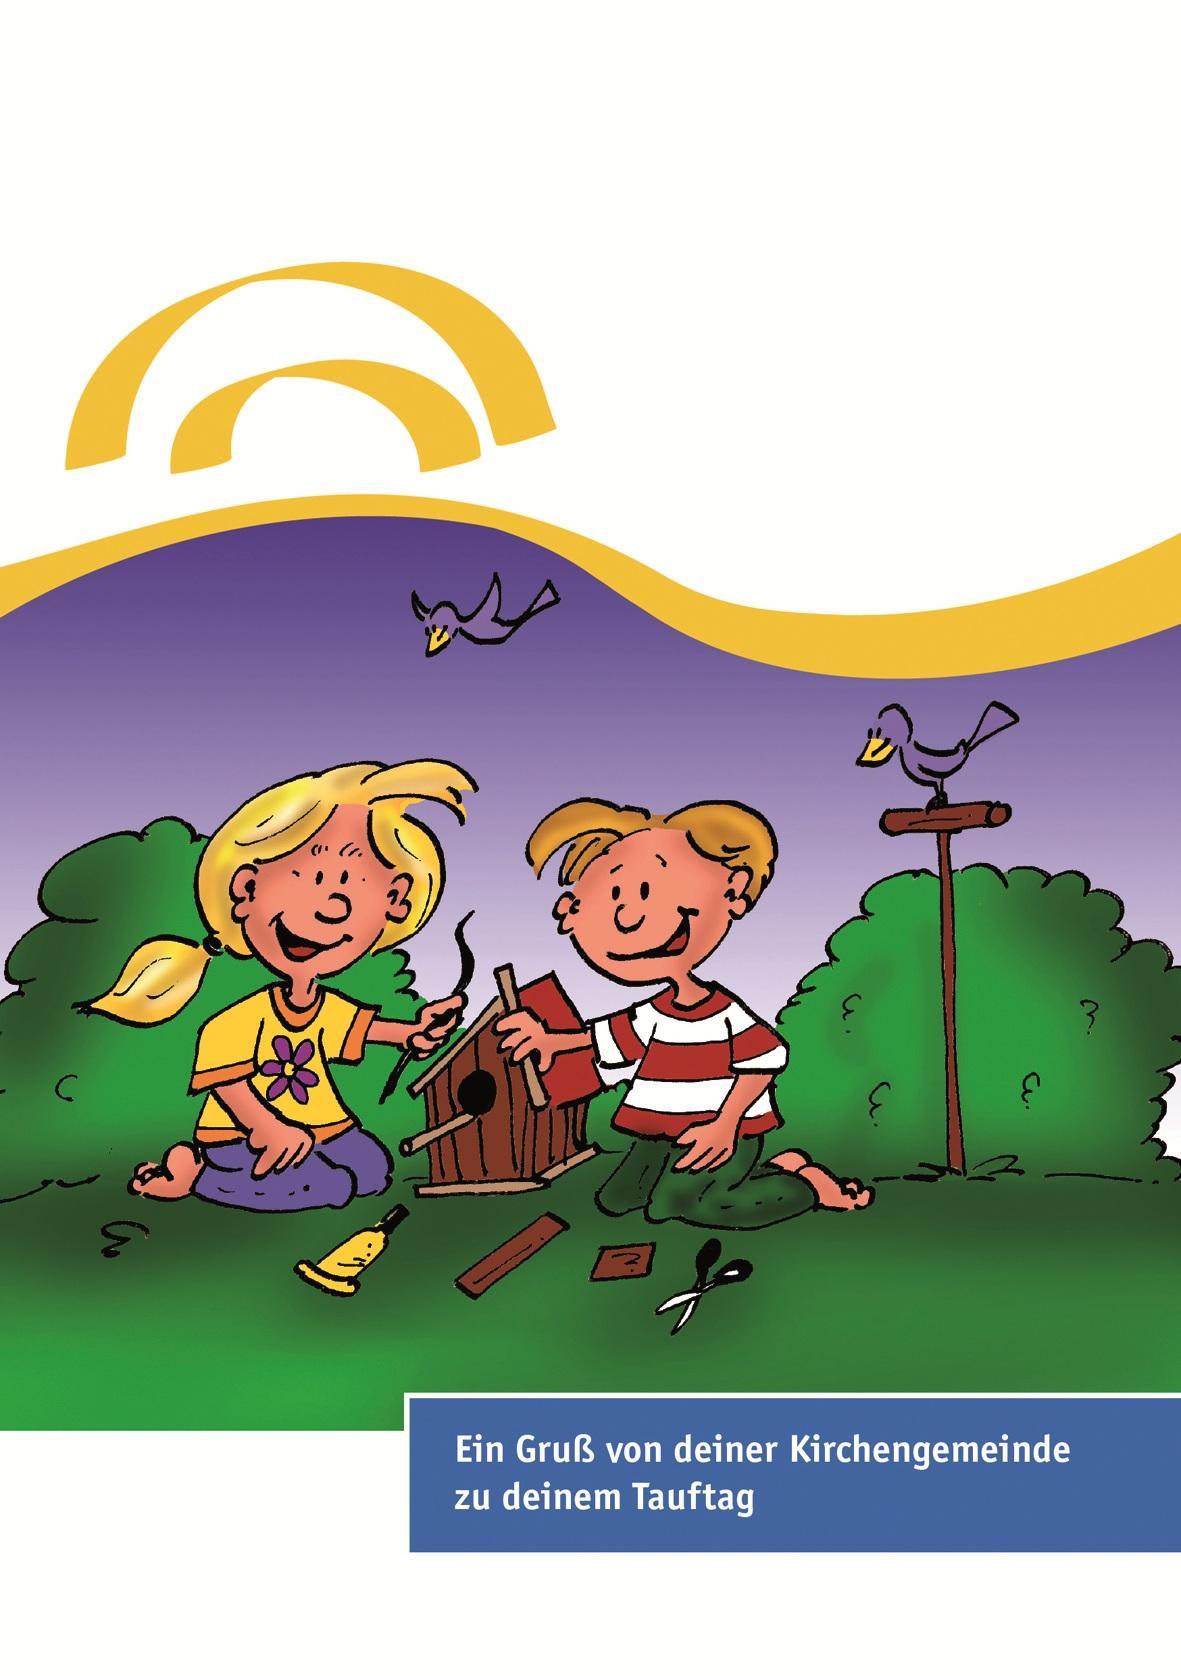 Neutrale Karten zum Tauftag für 6- bis 7-jährige